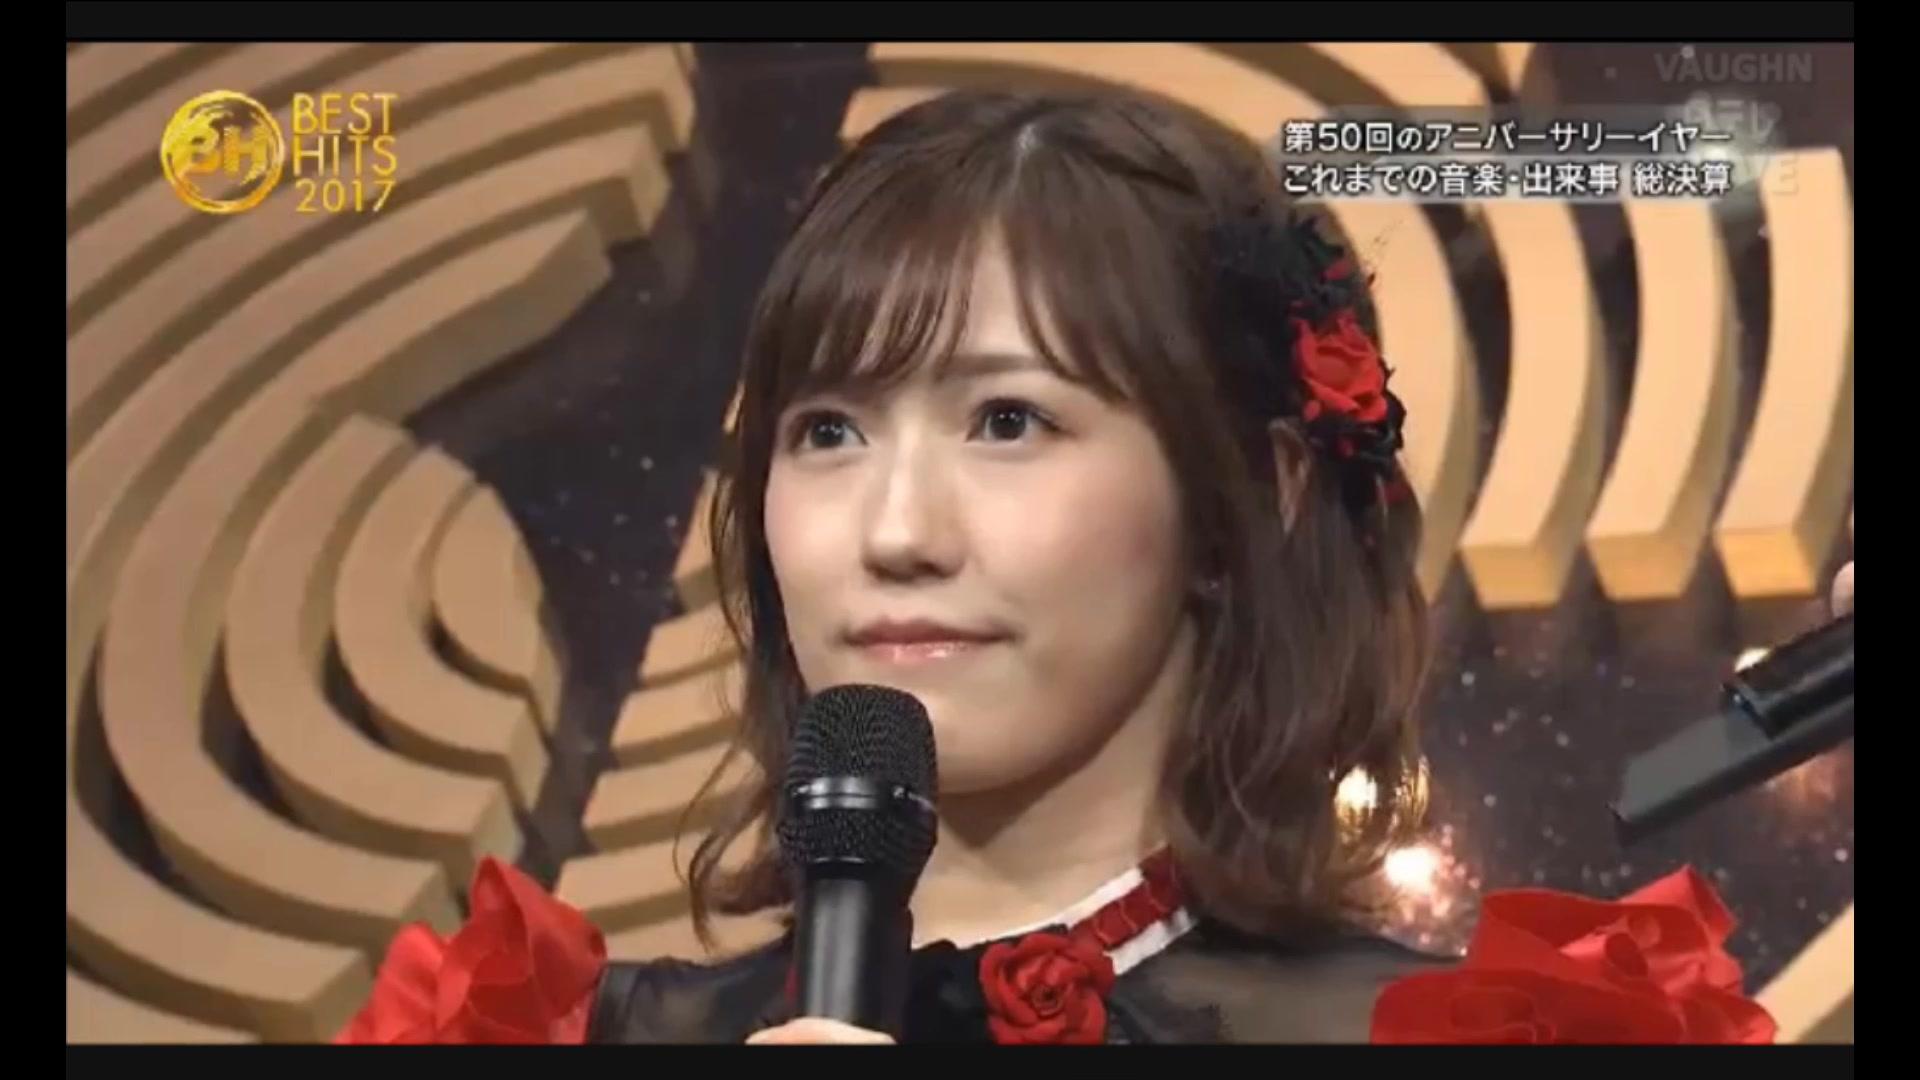 ベストヒット歌謡祭 BEST HITS 20171115 AKB48 NMB48 乃木坂46 欅坂46 SPメドレー